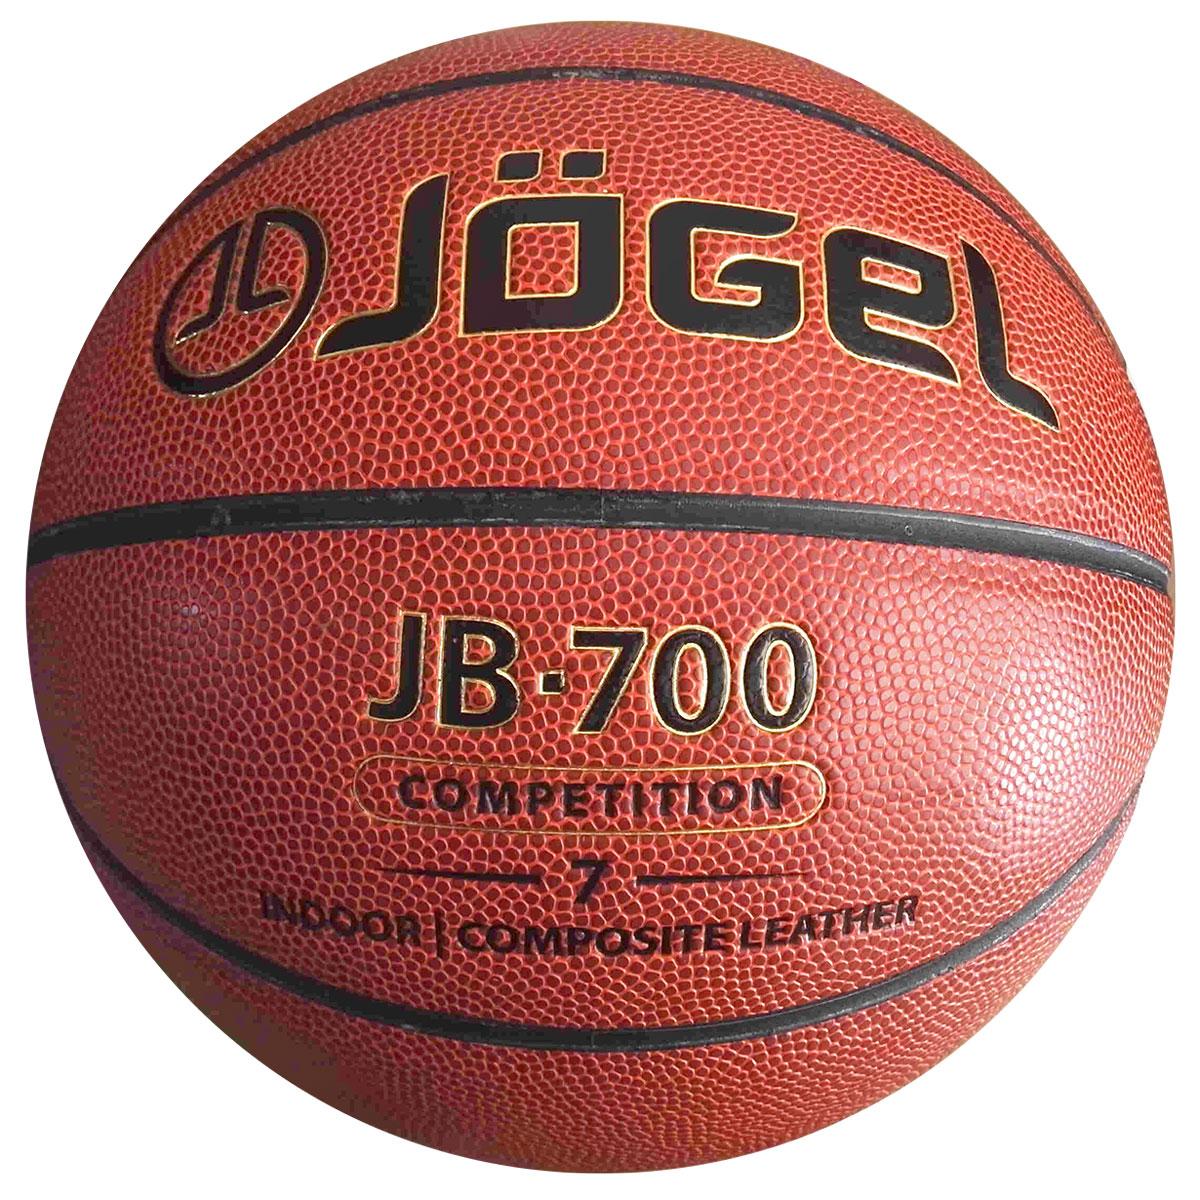 Мяч баскетбольный  Jogel , цвет: коричневый. Размер 7. JB-700 - Баскетбол